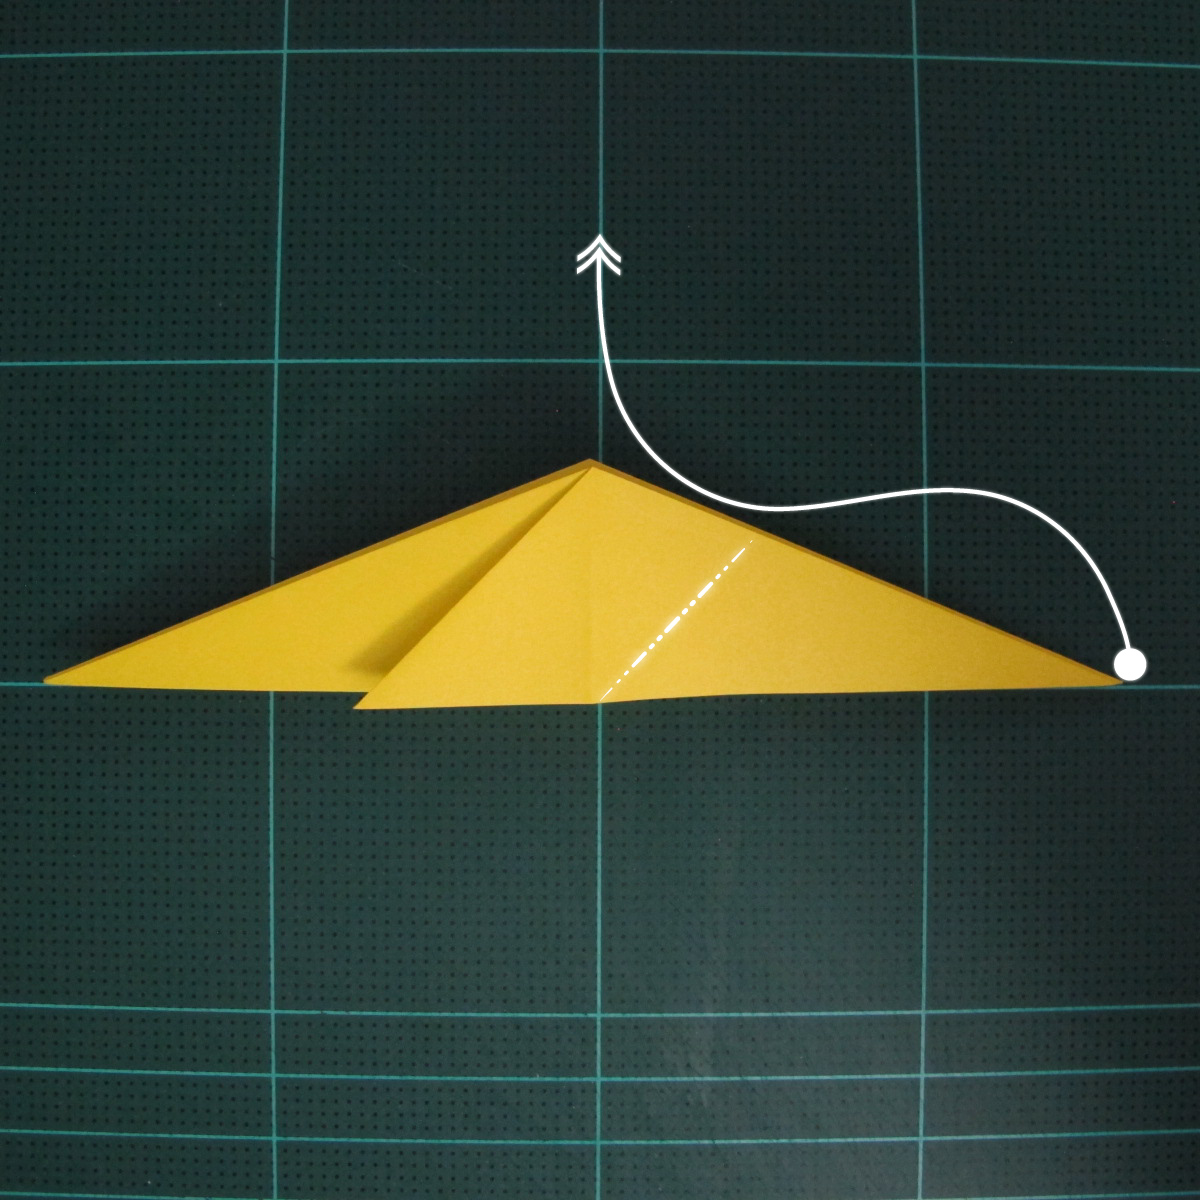 การพับกระดาษเป็นรูปไก่ (Origami Rooster) 004